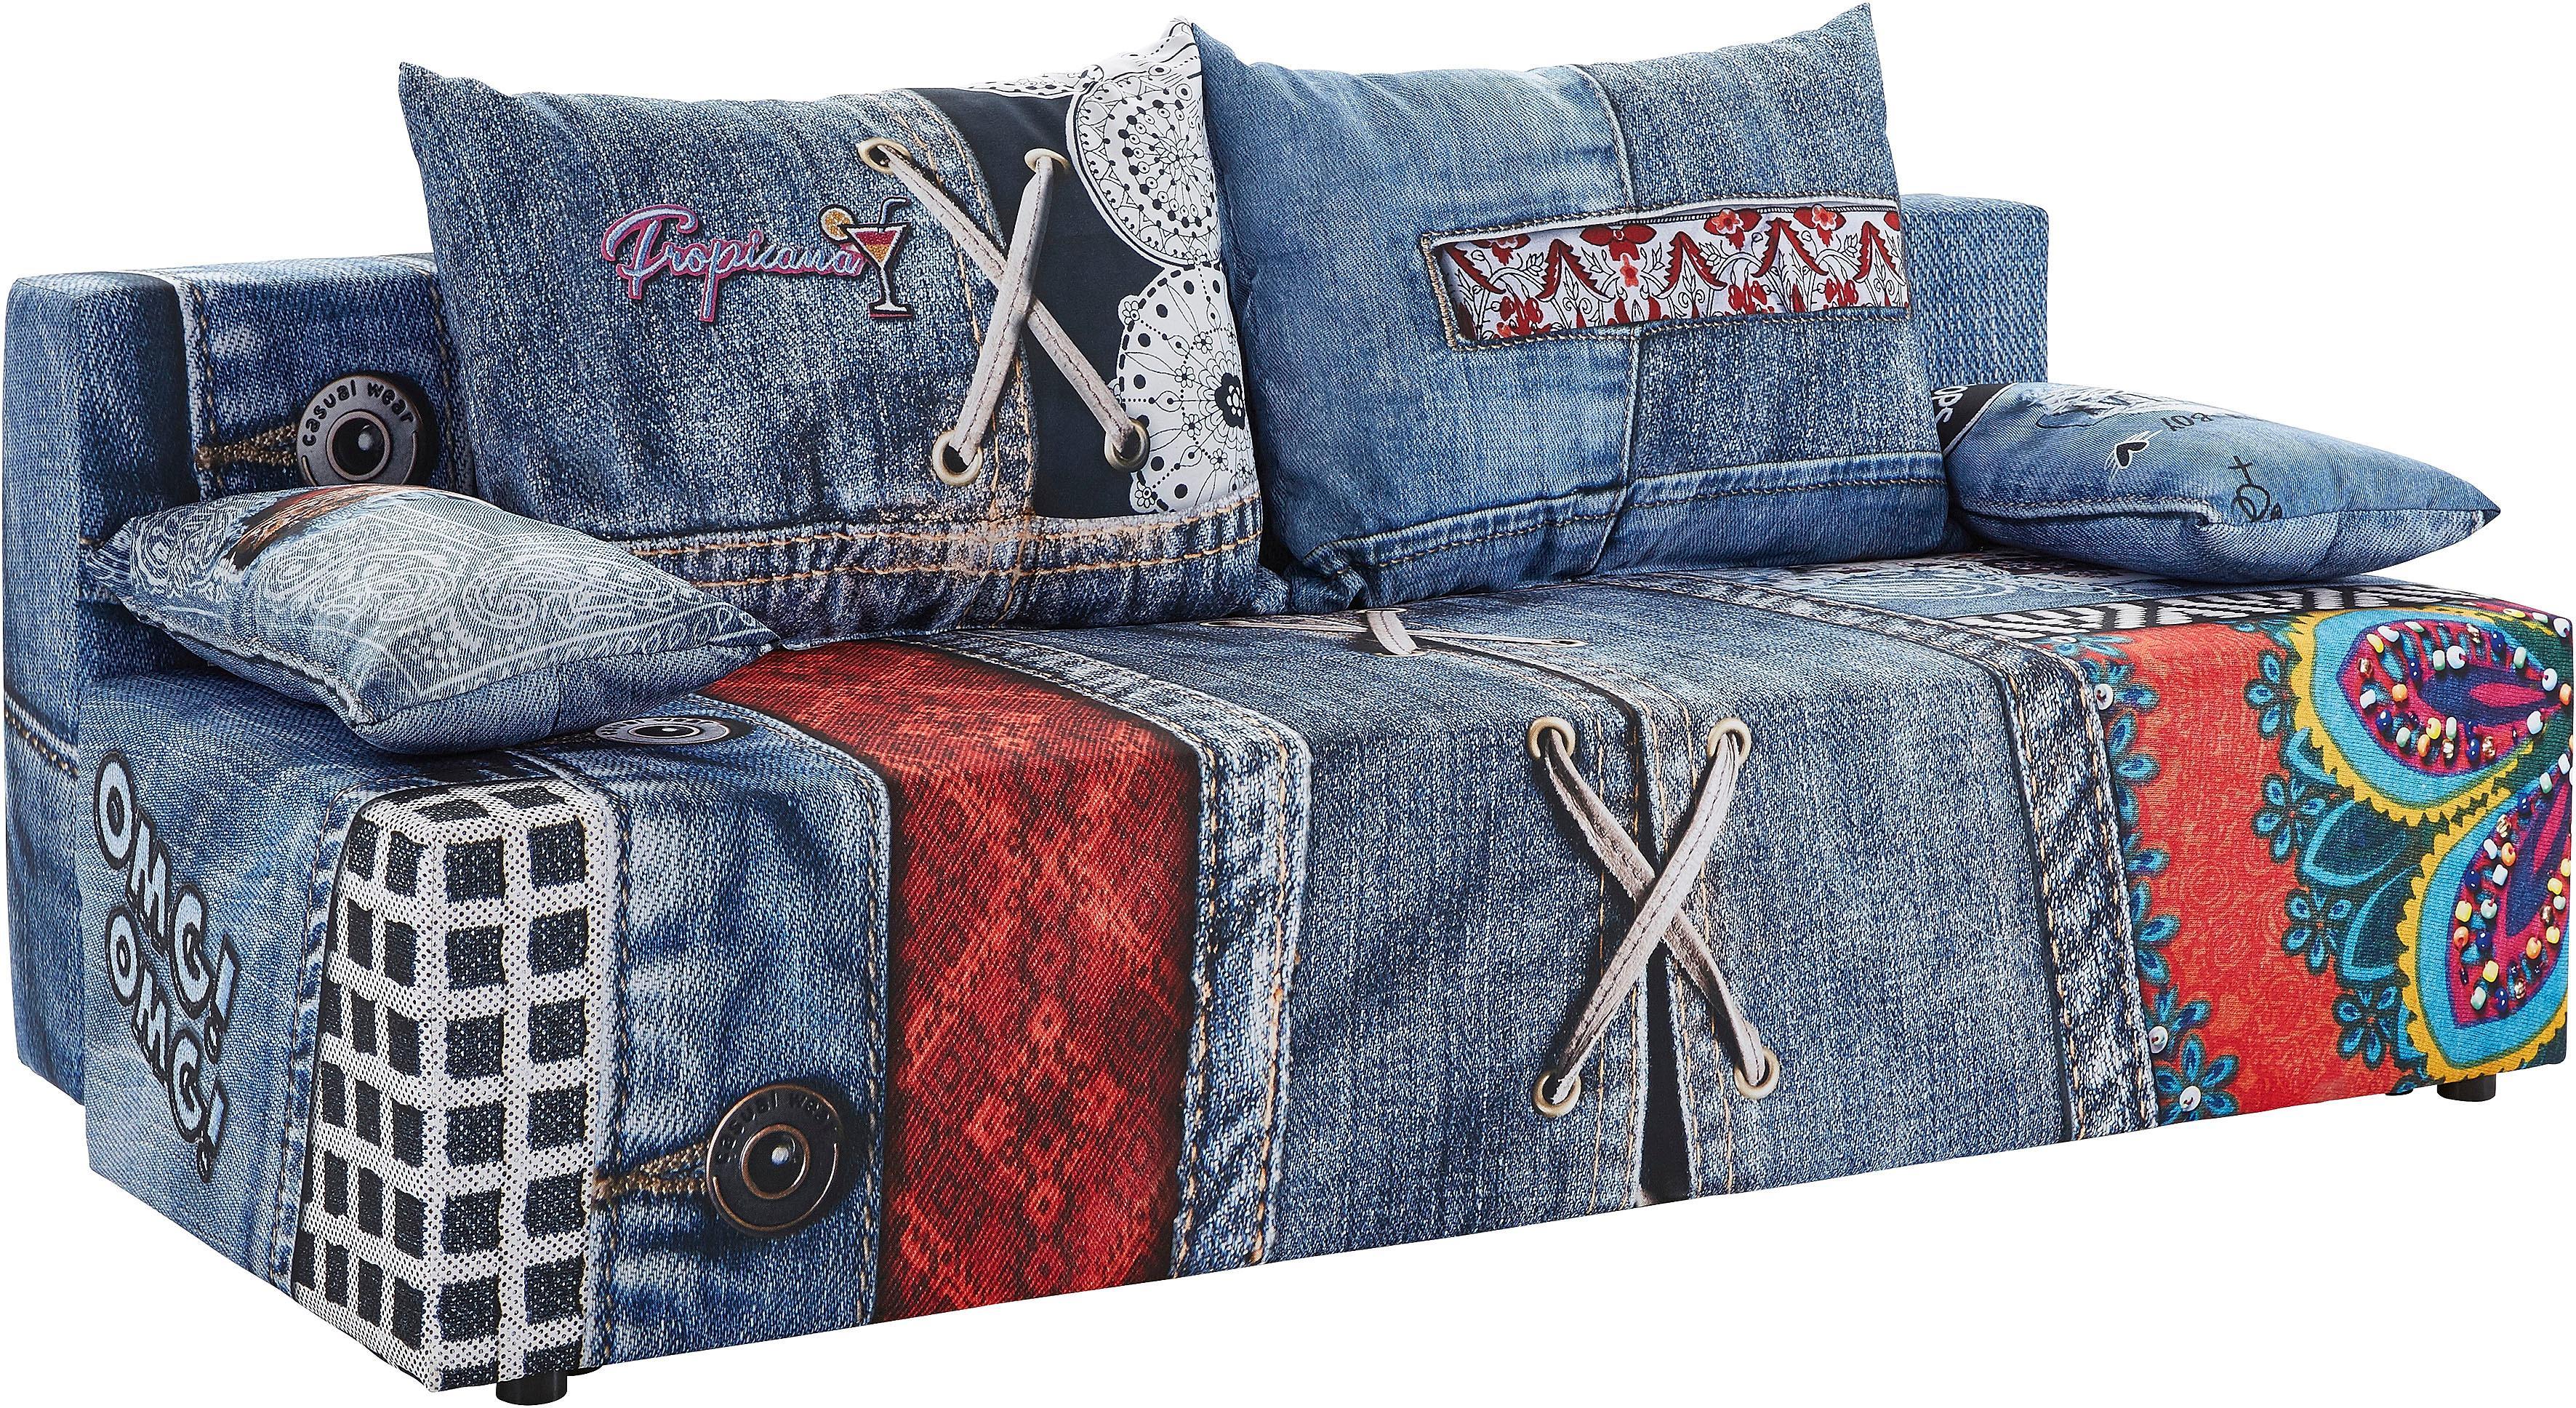 Exxpo - Sofa Fashion Schlafsofa Online Kaufen